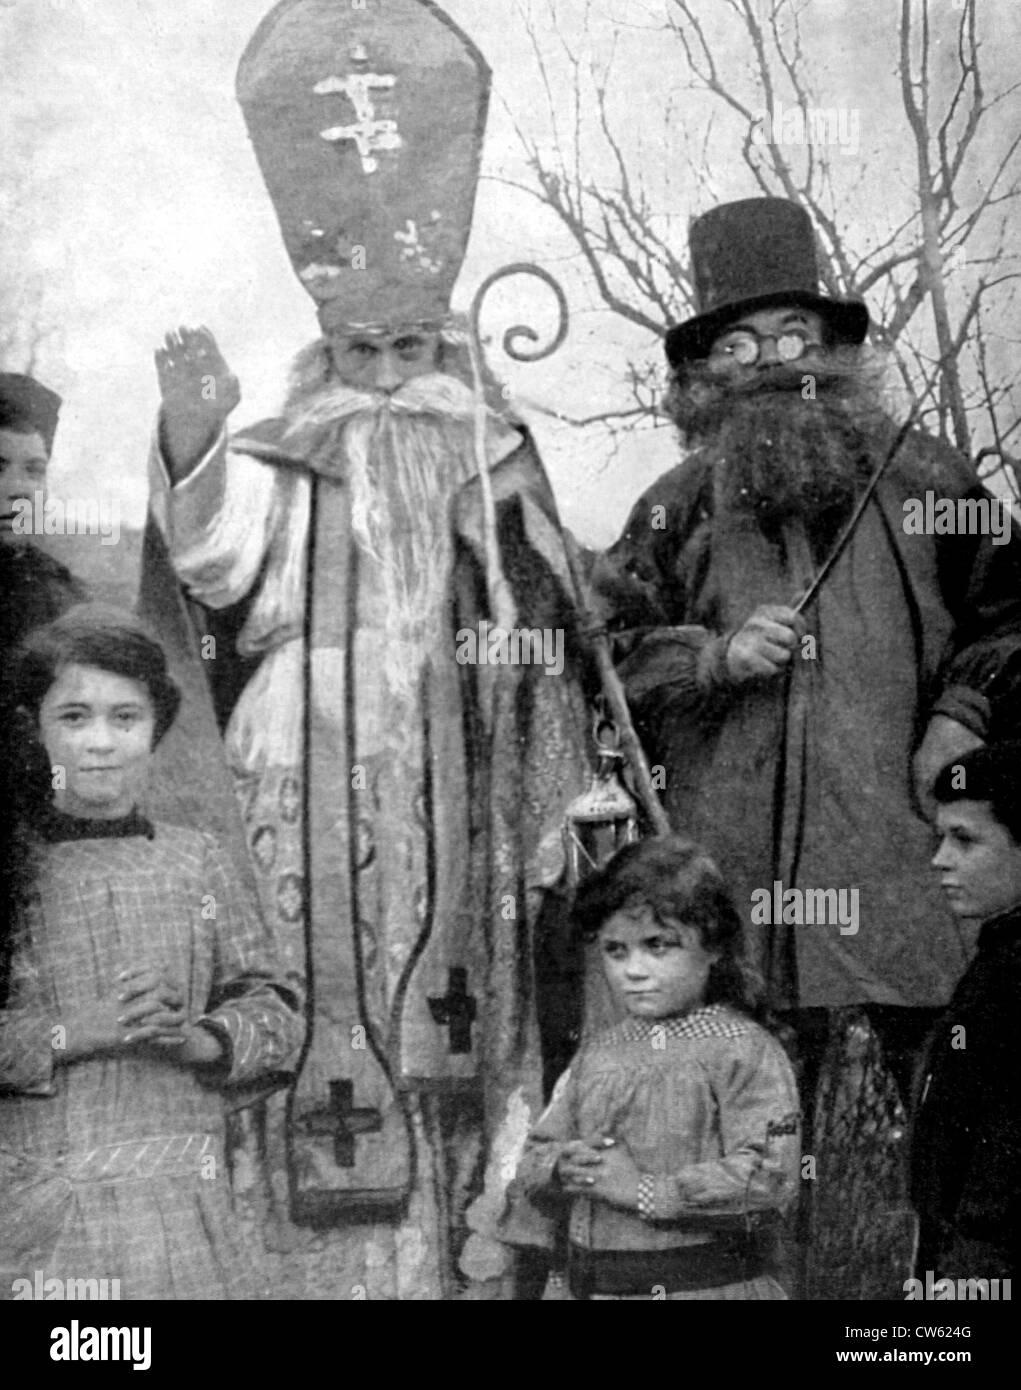 World War I In village Lorraine region soldiers celebrating St Nicolas' Day children inhabitants who have not - Stock Image